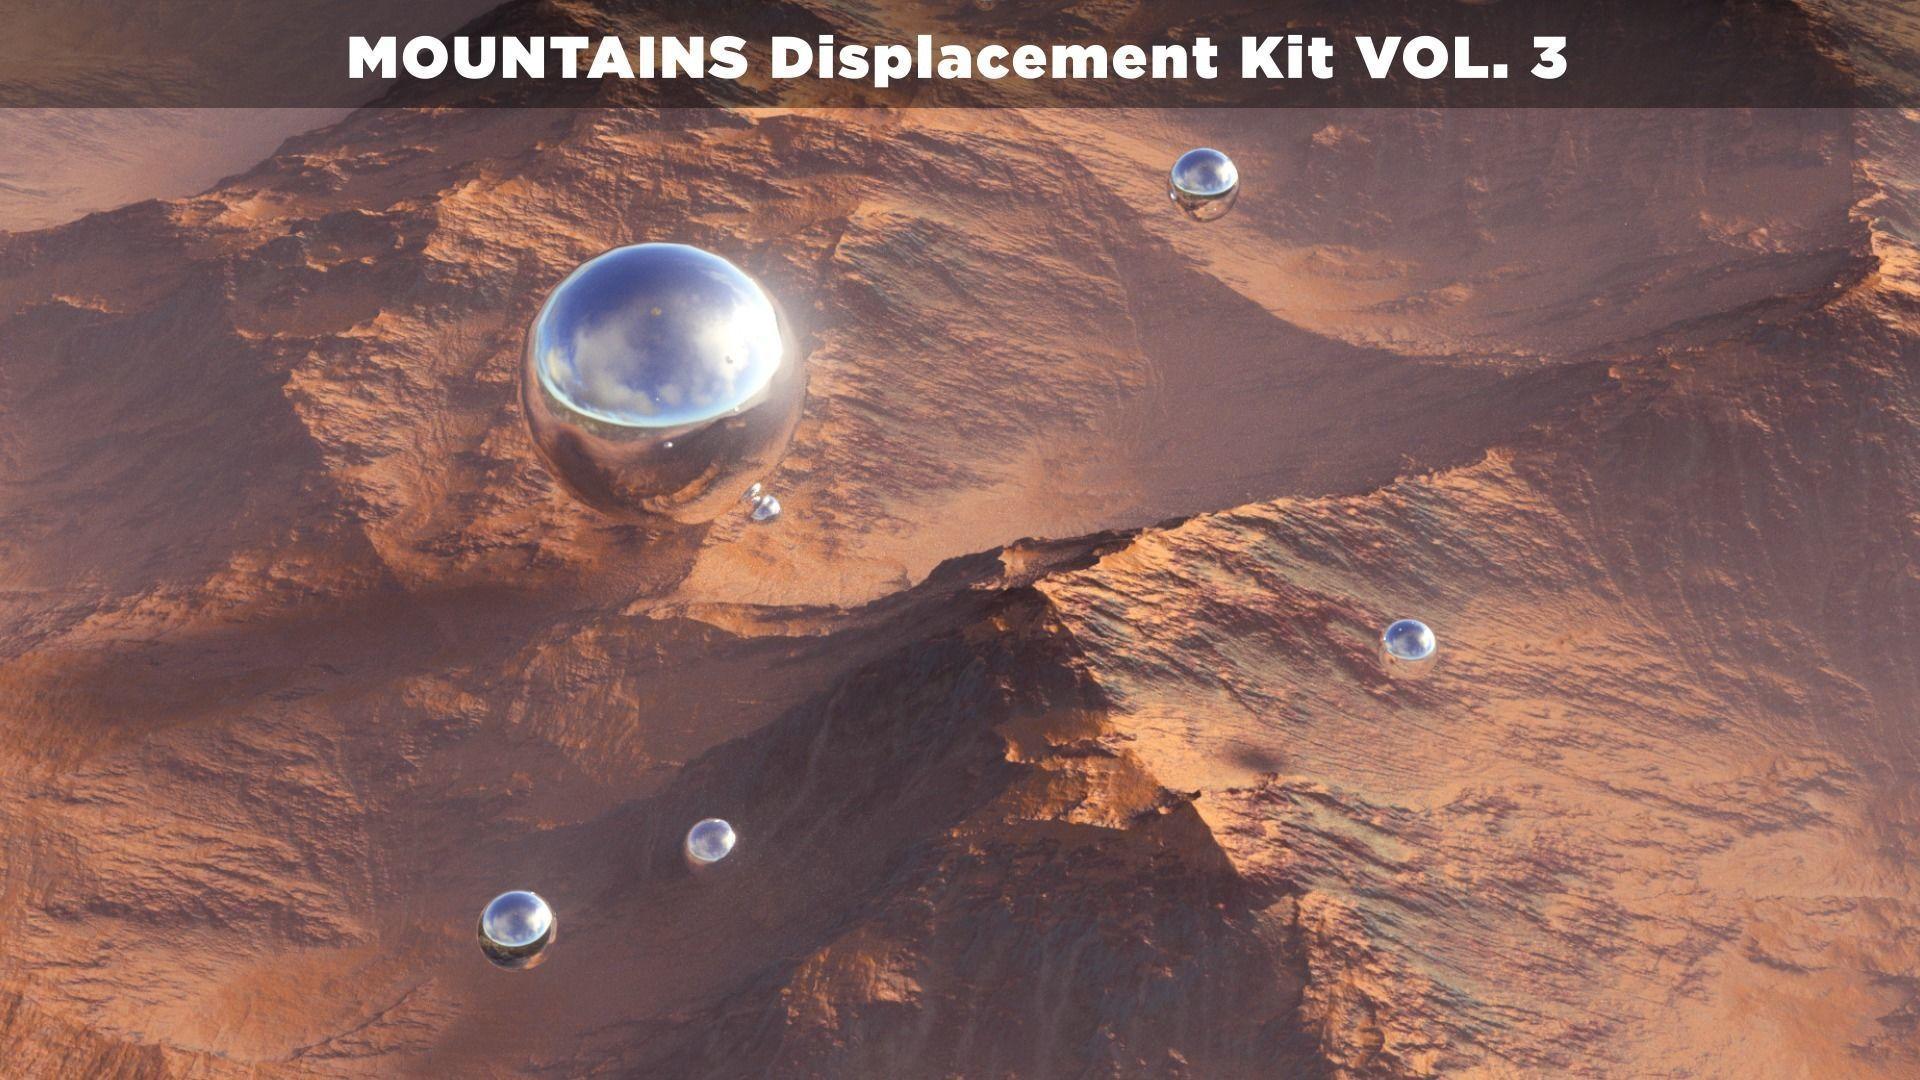 MOUNTAINS Displacement Kit VOL-3